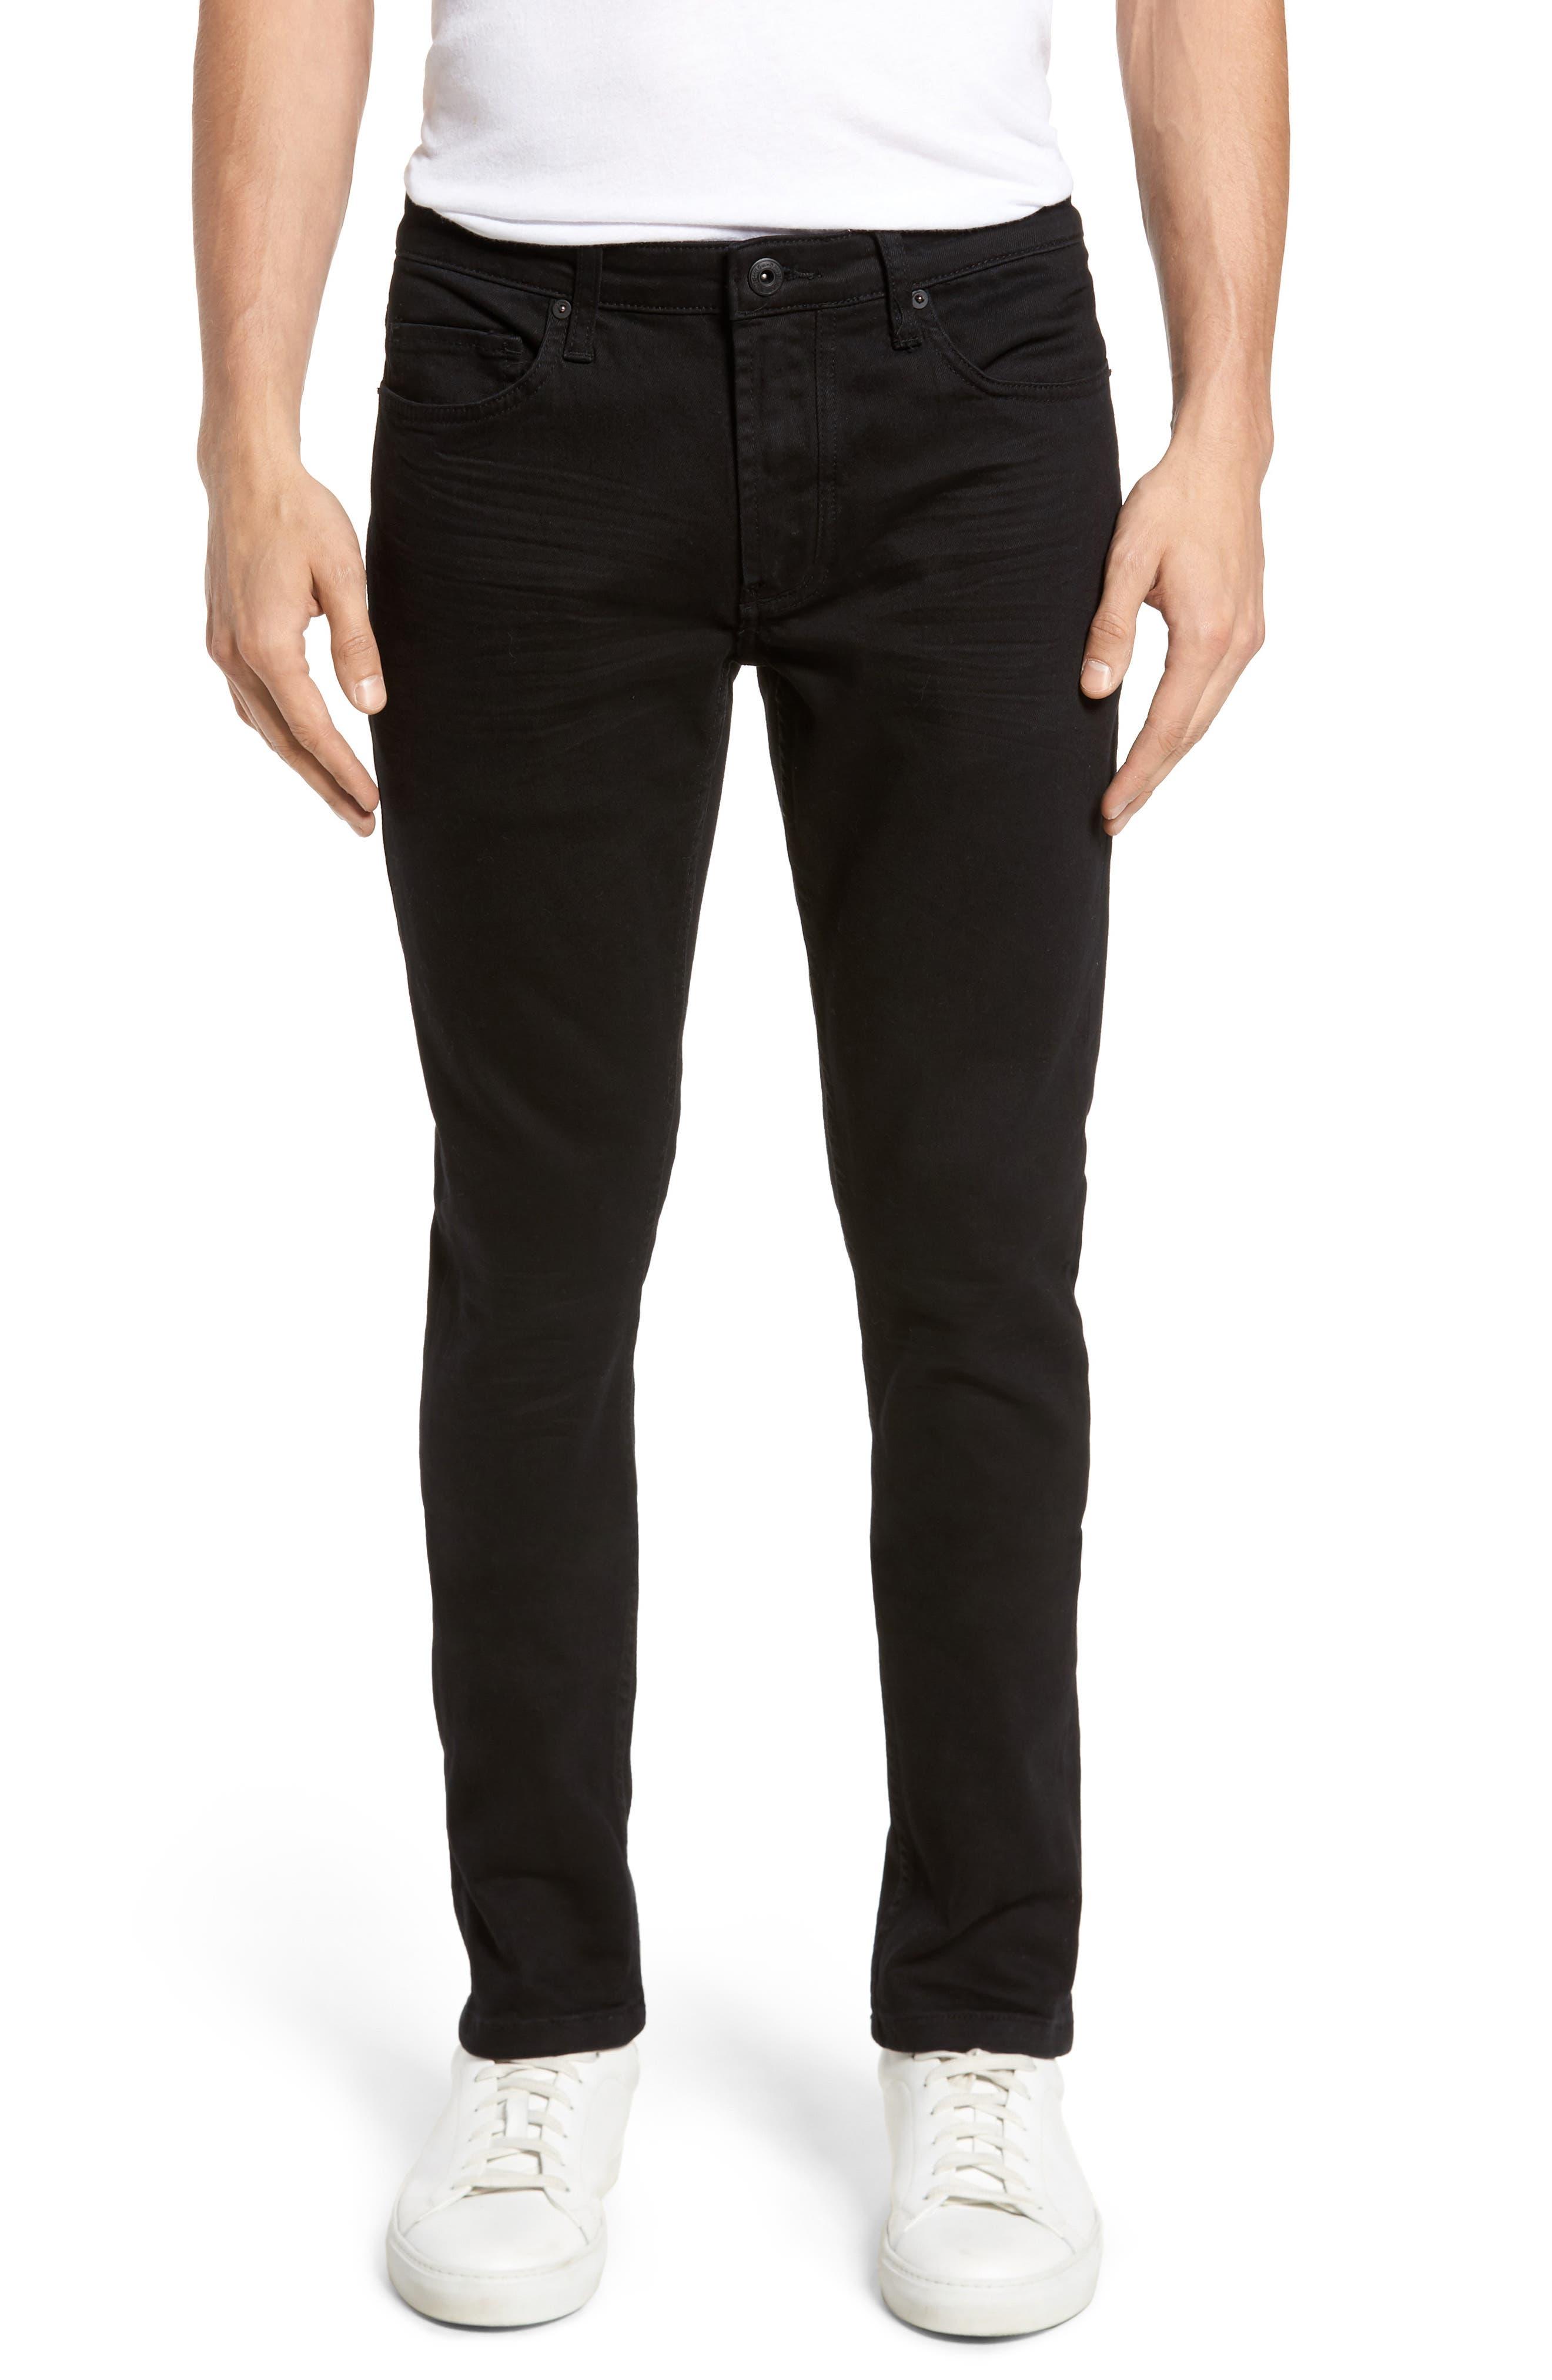 Men's Blanknyc Horatio Skinny Fit Jeans